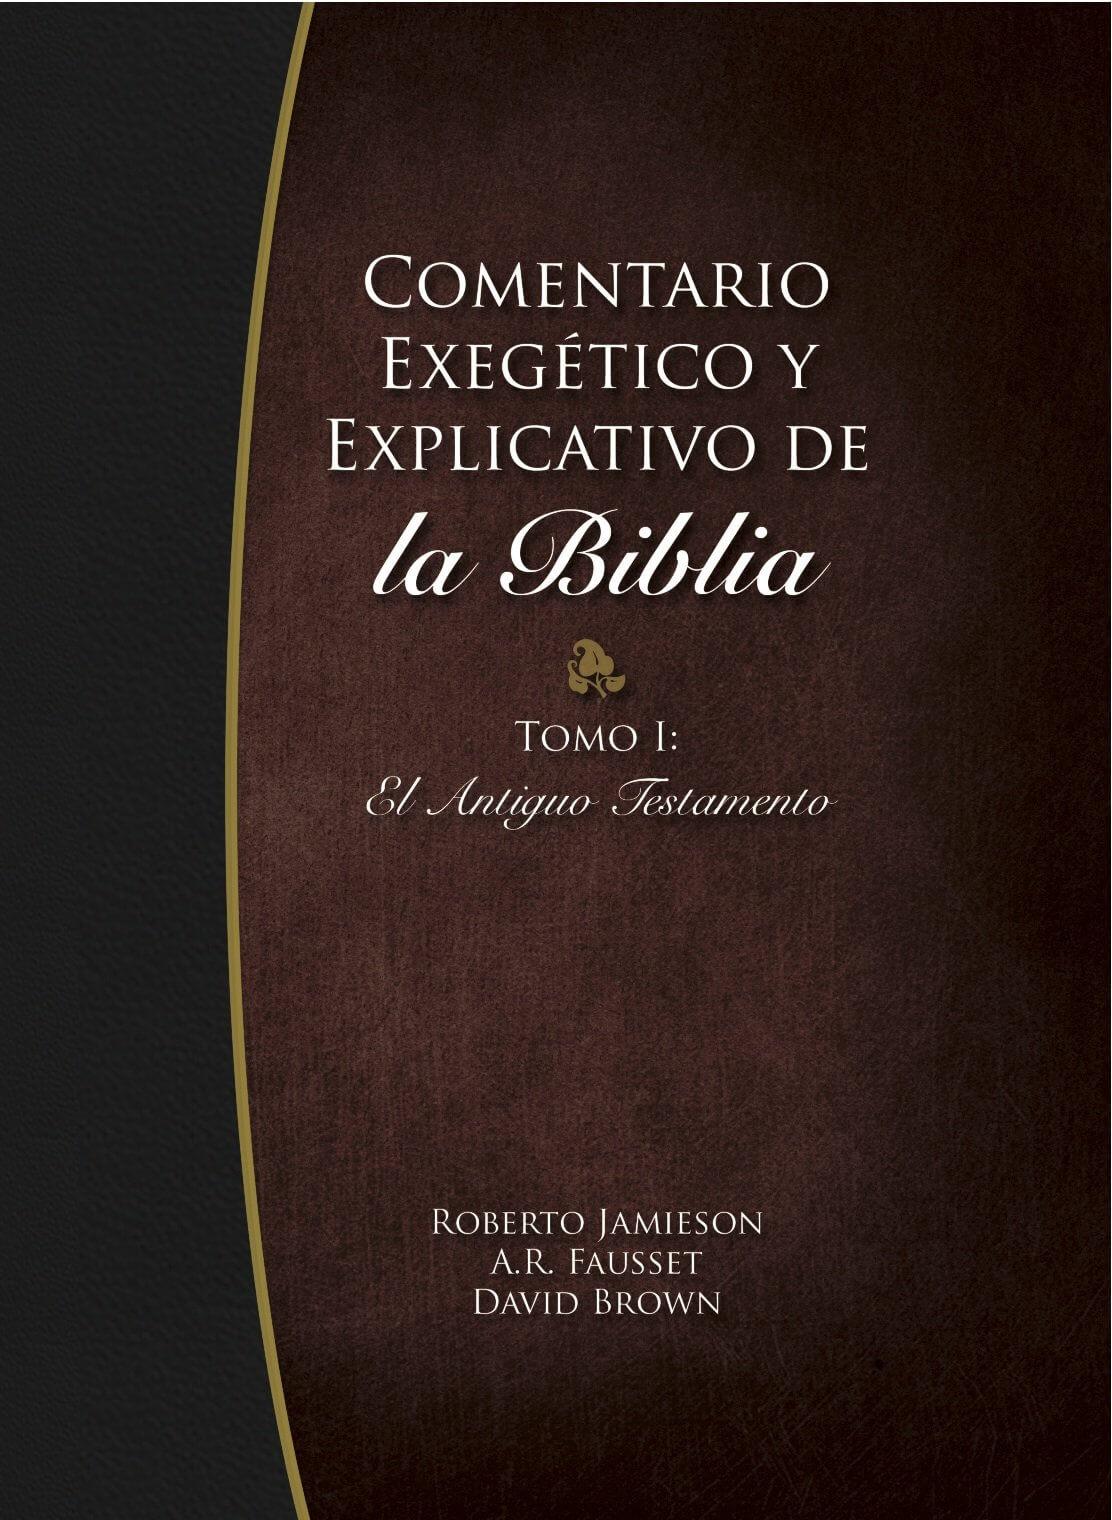 Comentario Exegético y Explicativo de la Biblia - Tomo I